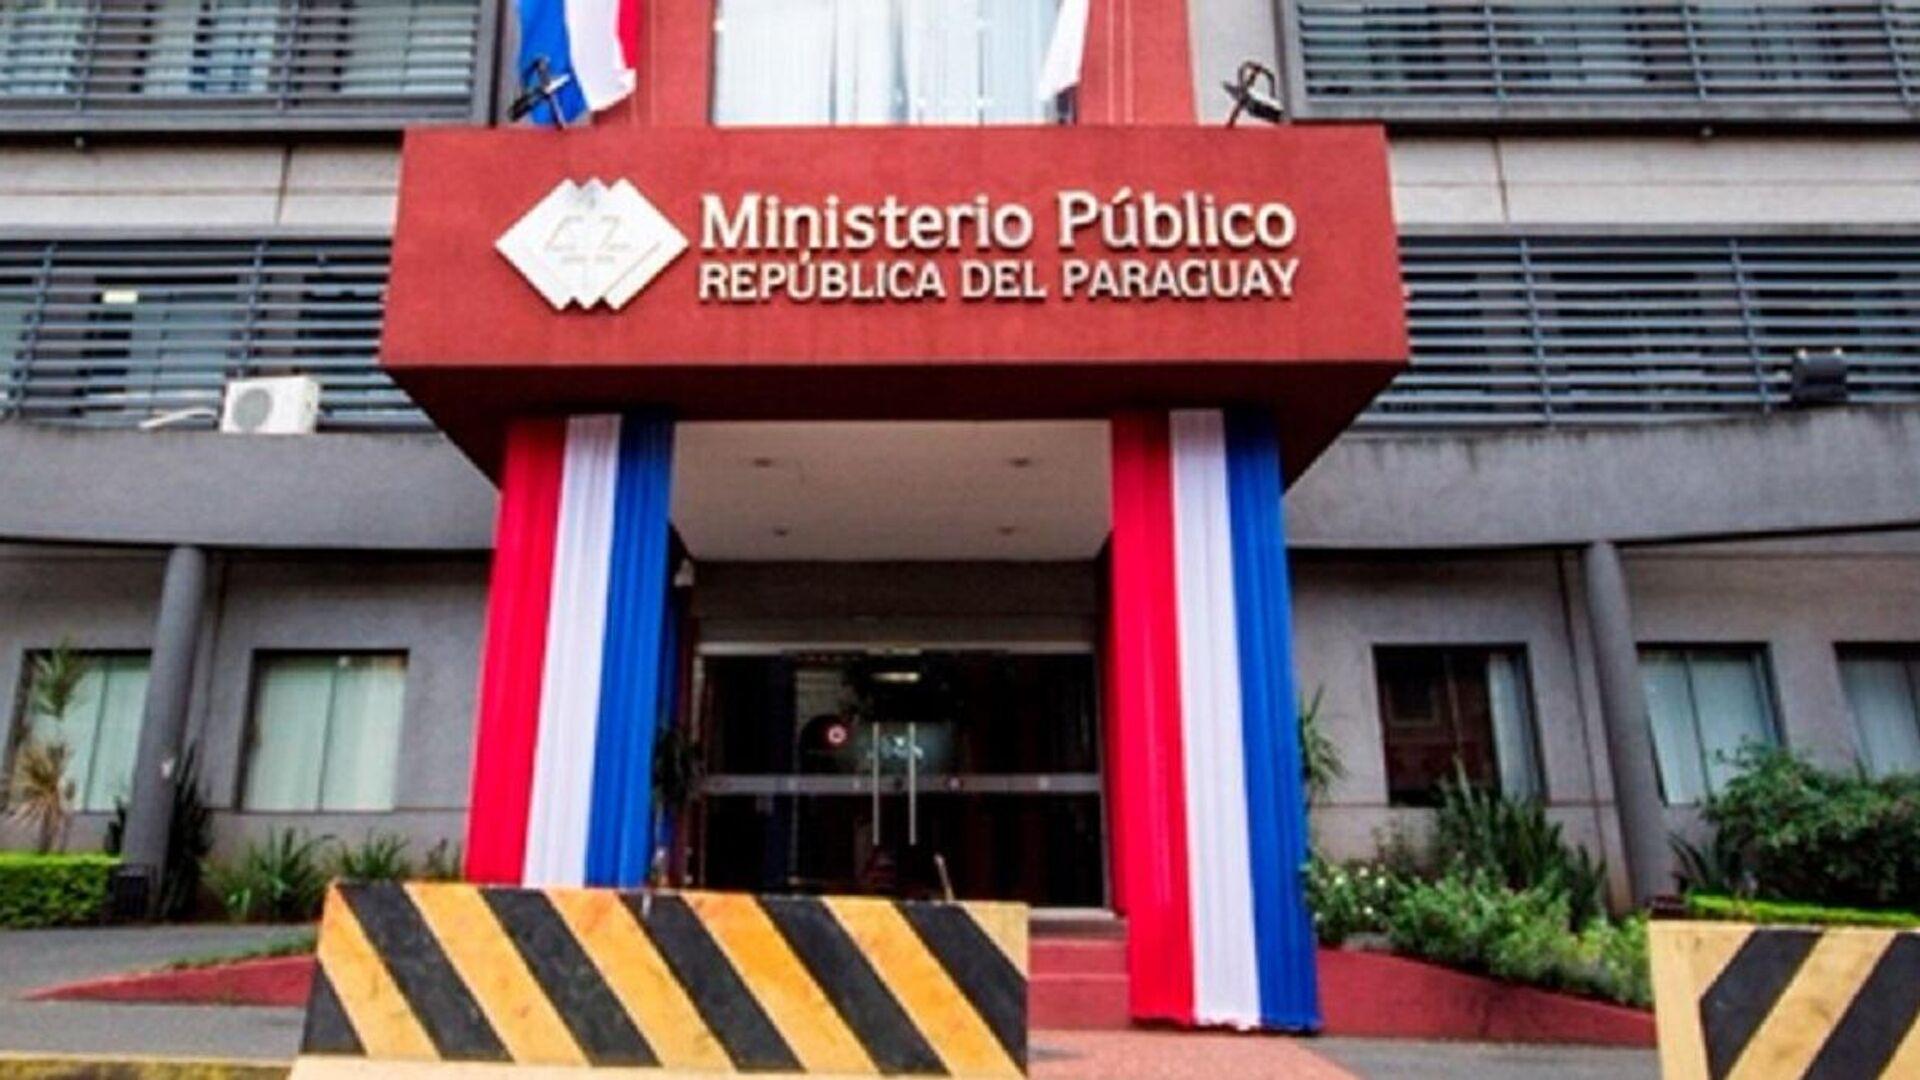 Ministerio Público de Paraguay - Sputnik Mundo, 1920, 28.06.2021